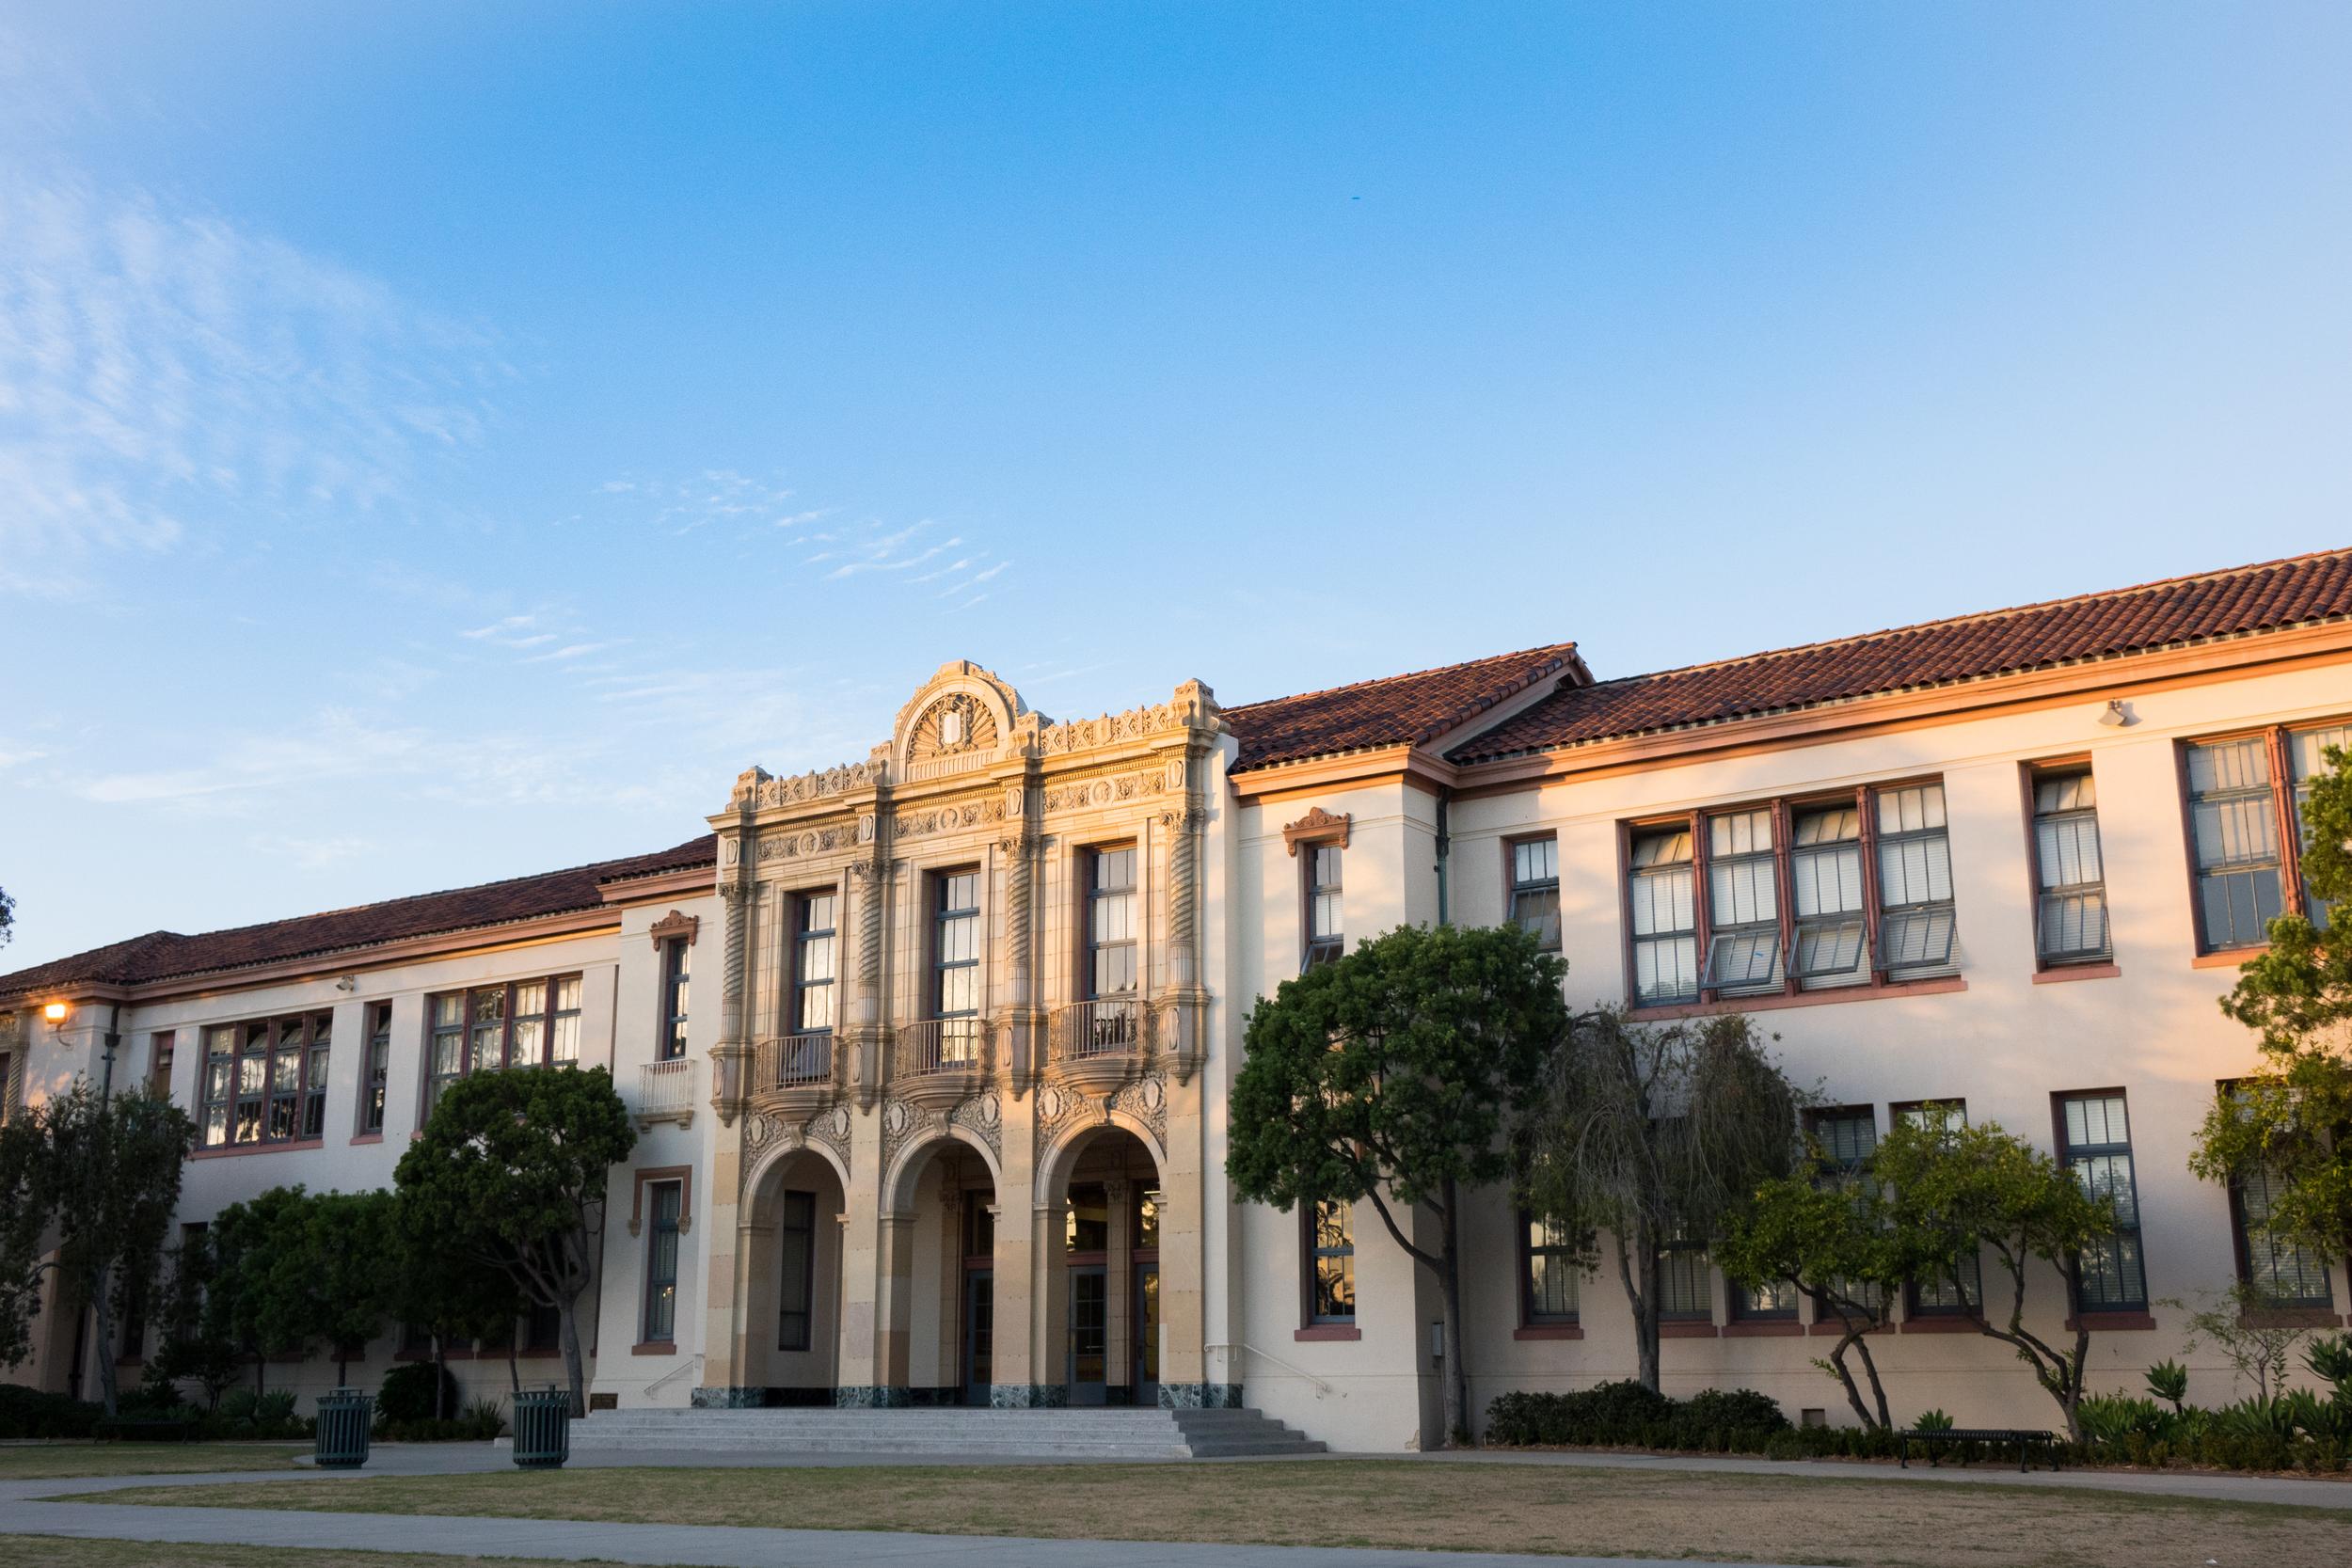 Santa Barbara High School. Photo Courtesy of Beau Lettieri